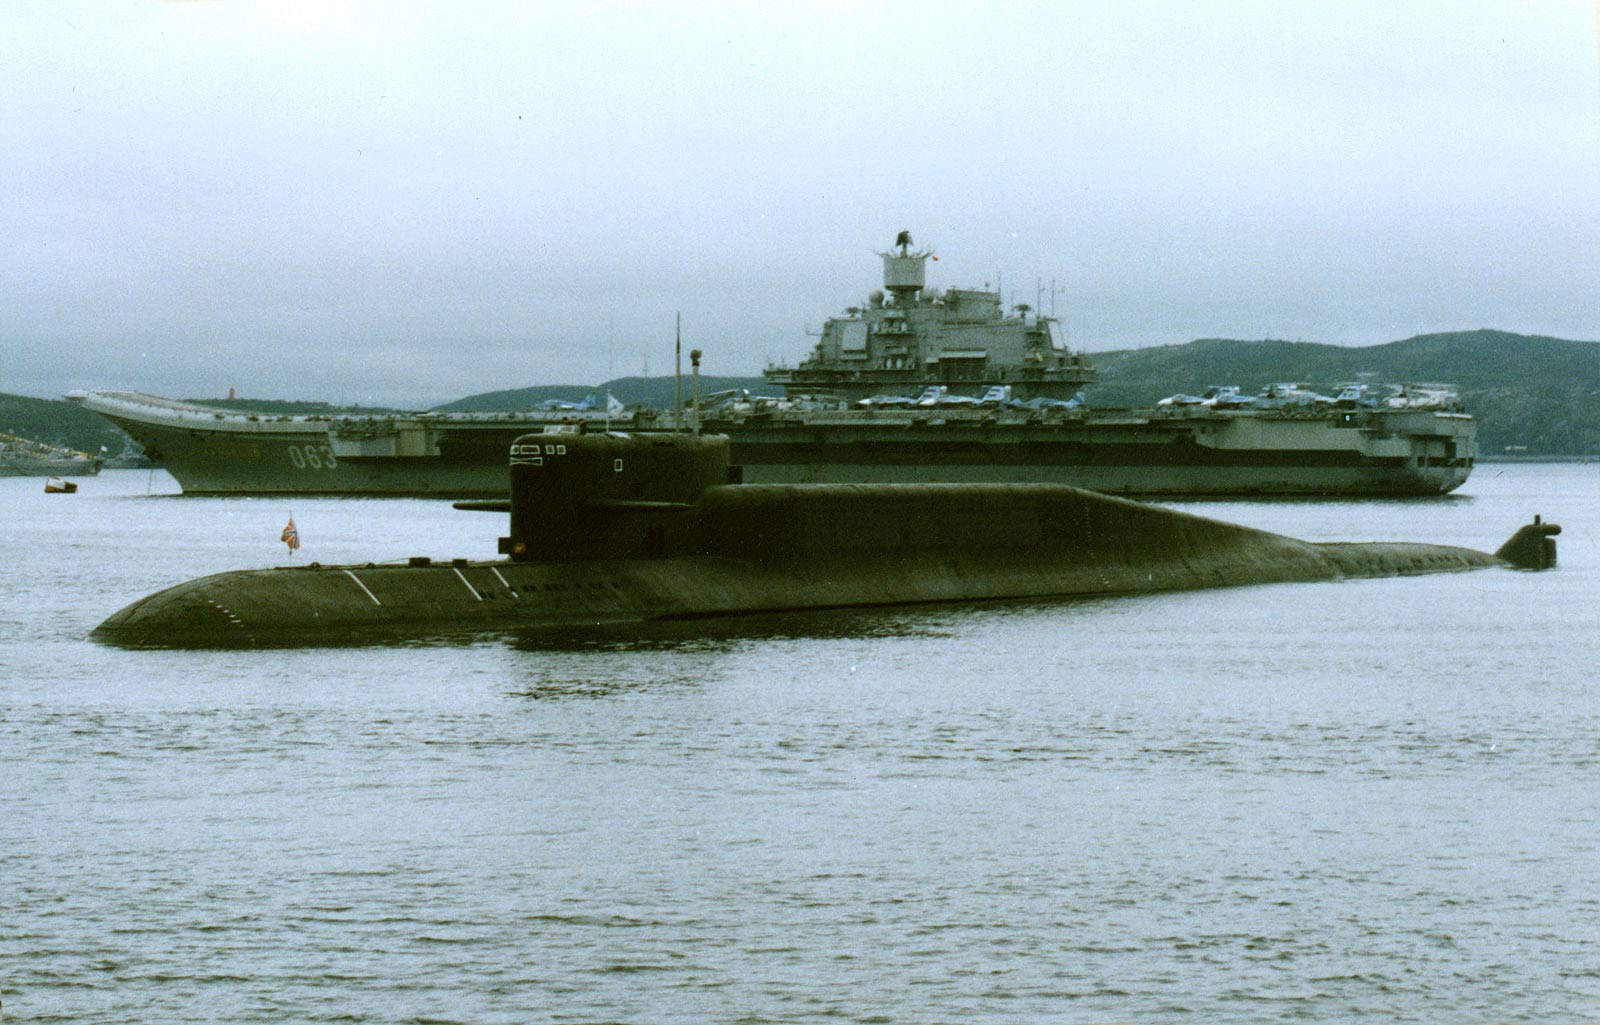 """Подводная лодка проекта 667БДРМ рядом с авианесущим крейсером """"Адмирал Флота Советского Союза Кузнецов"""" проекта 11435 на рейде Североморска, 2000-е годы (http://forums.airbase.ru)"""